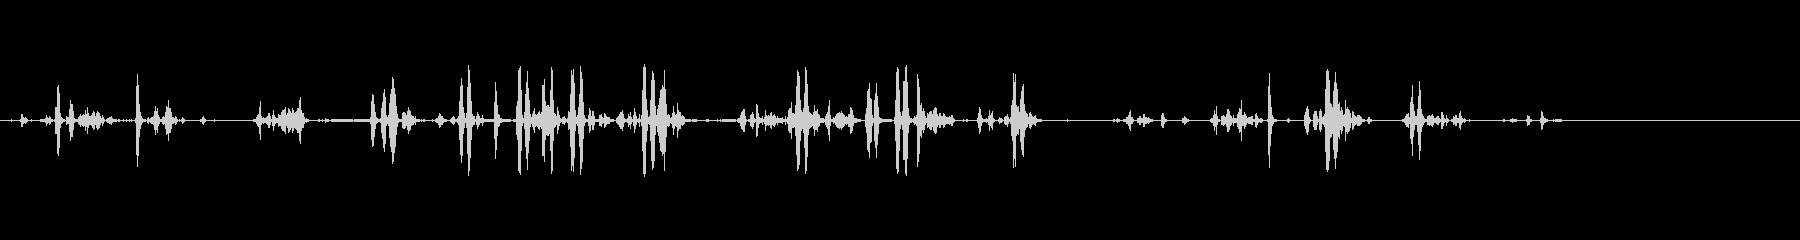 ピンクカクテル(オーストラリア)の未再生の波形